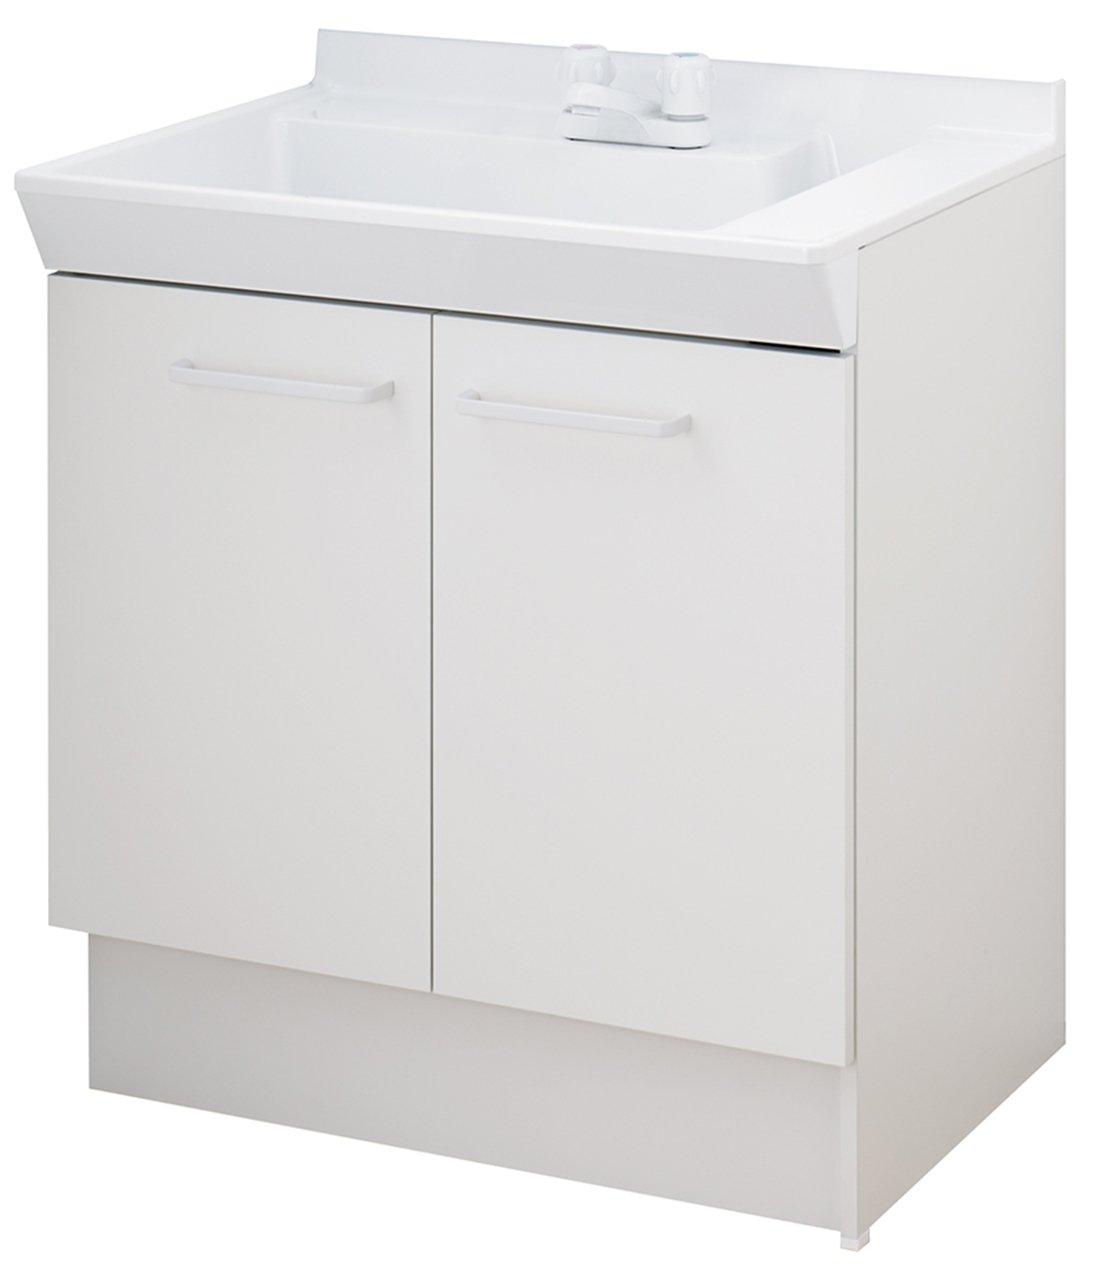 LIXIL(リクシル) INAX 洗面化粧台 V1シリーズ 間口750 両開きタイプ クリエペール V1N-755SY/LP2H B01NBDS4AN クリエペール